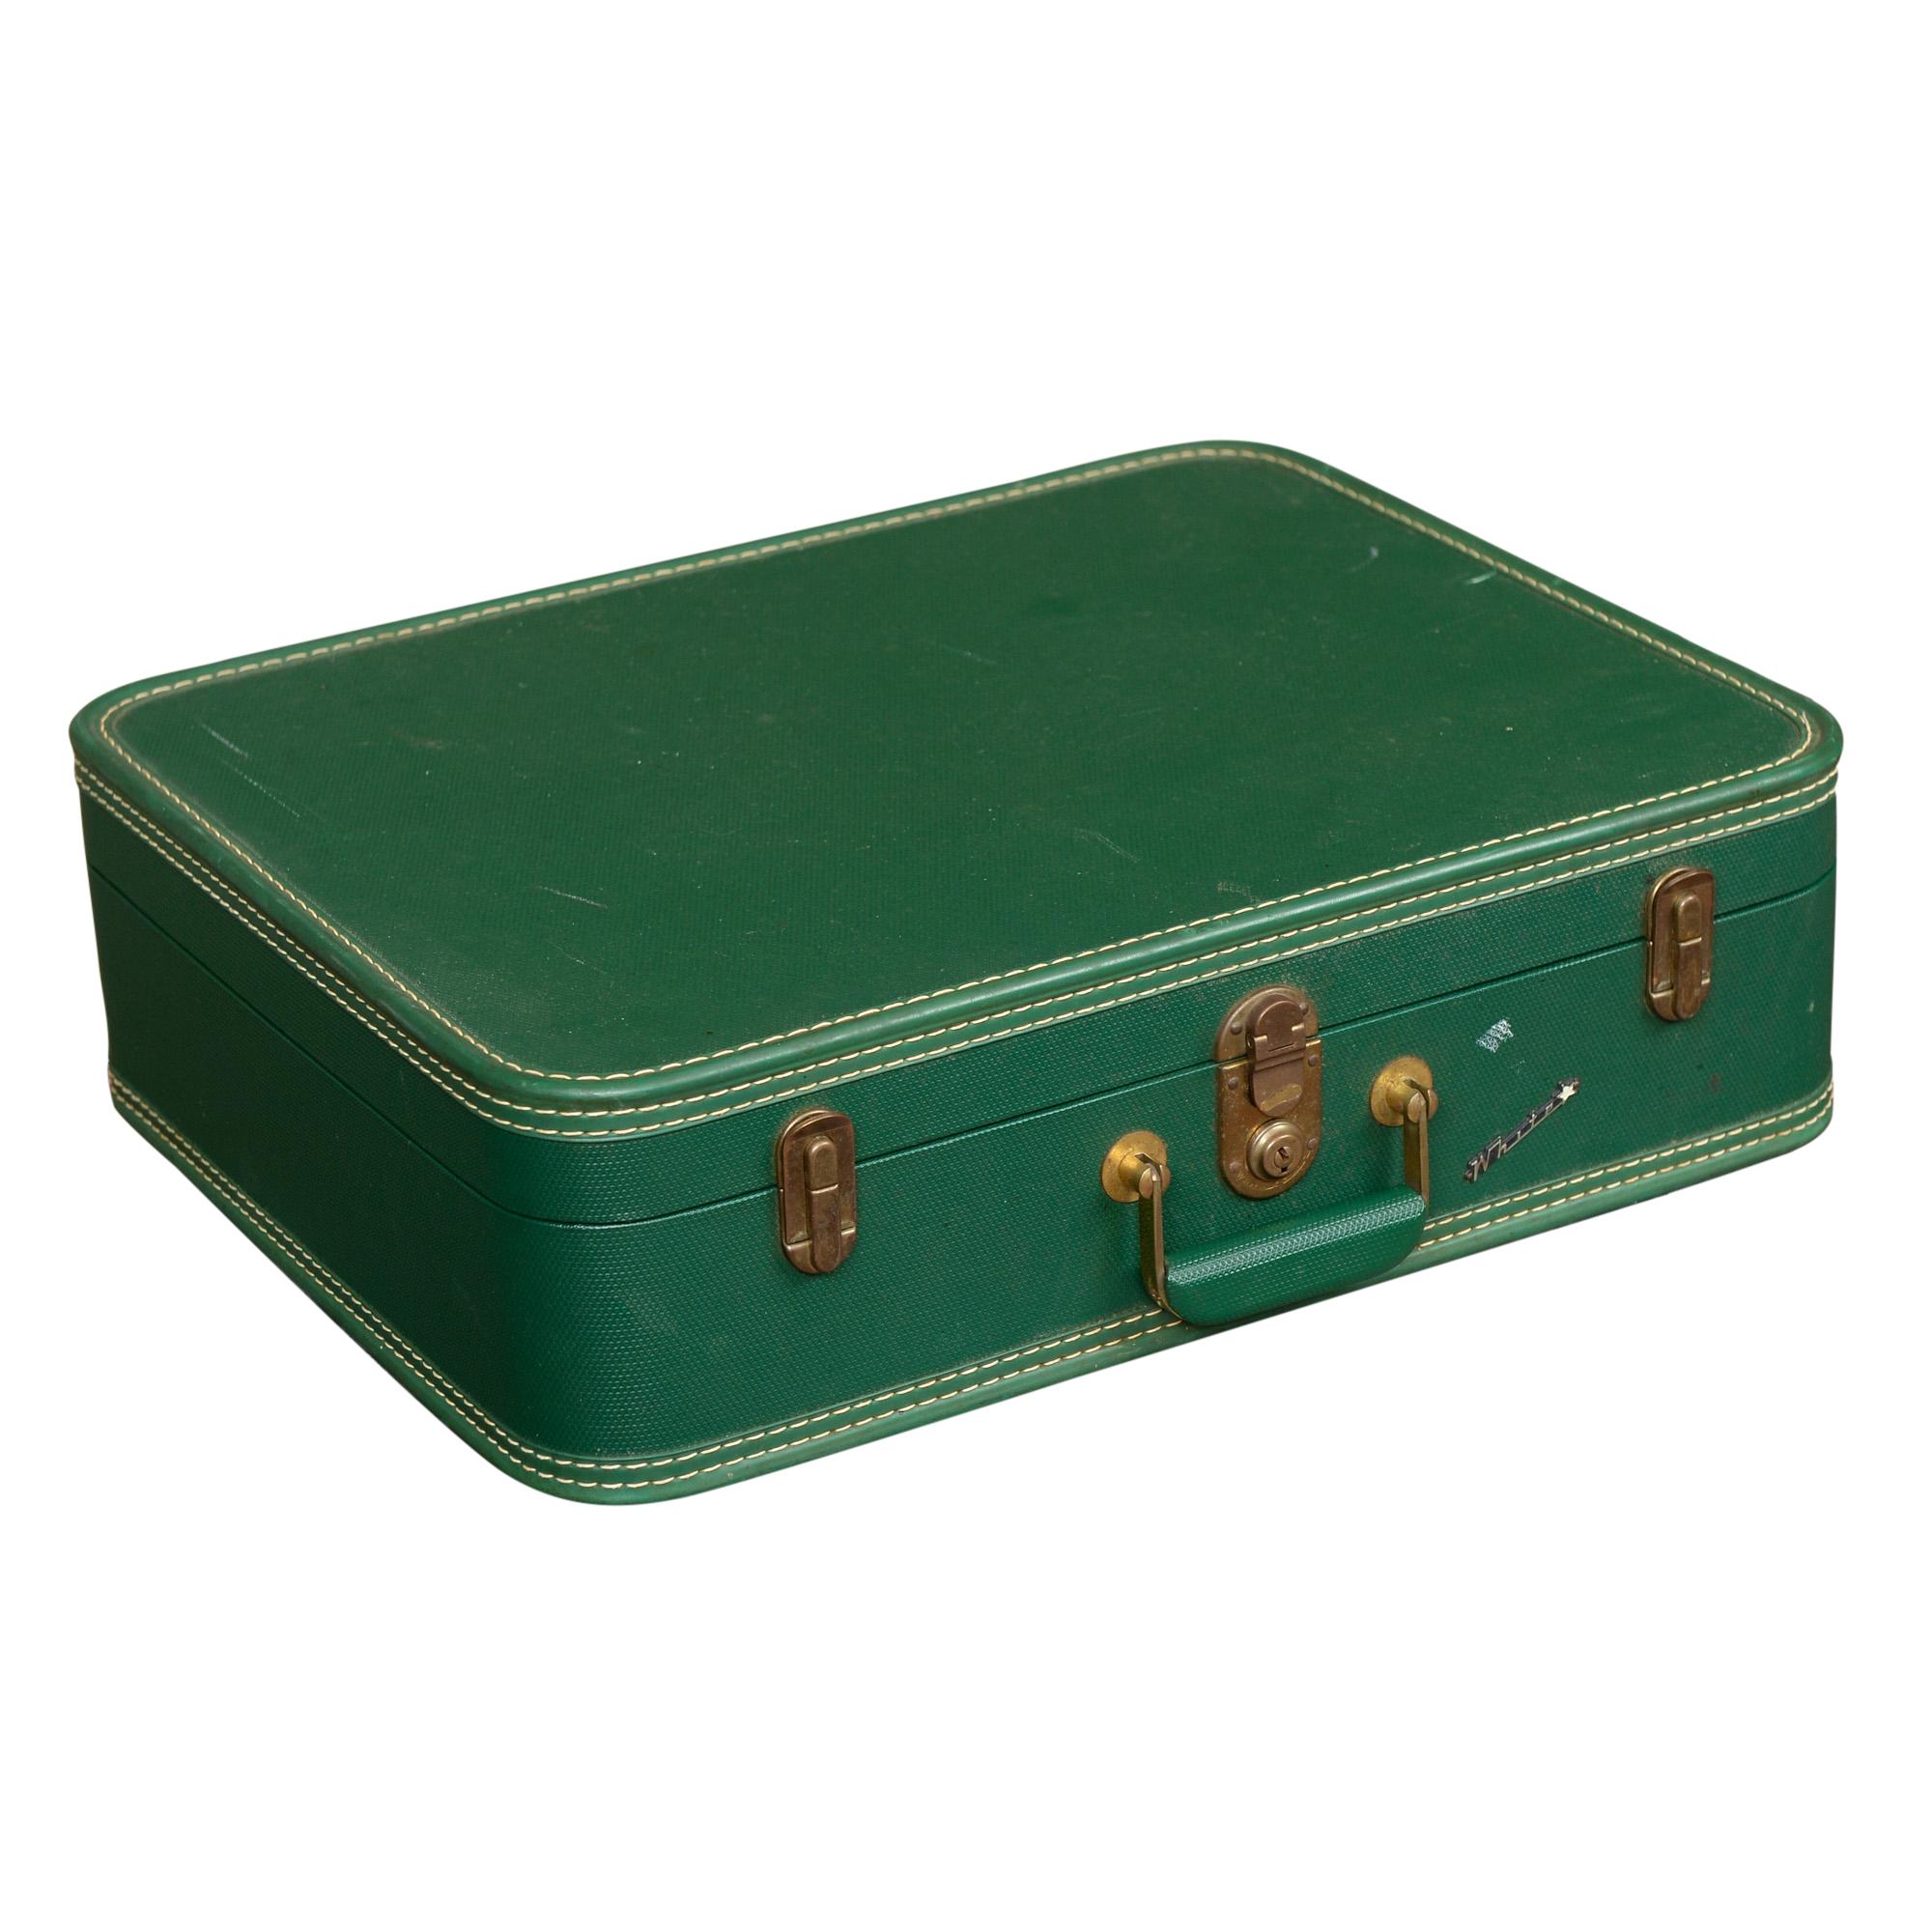 Cusack Suitcase